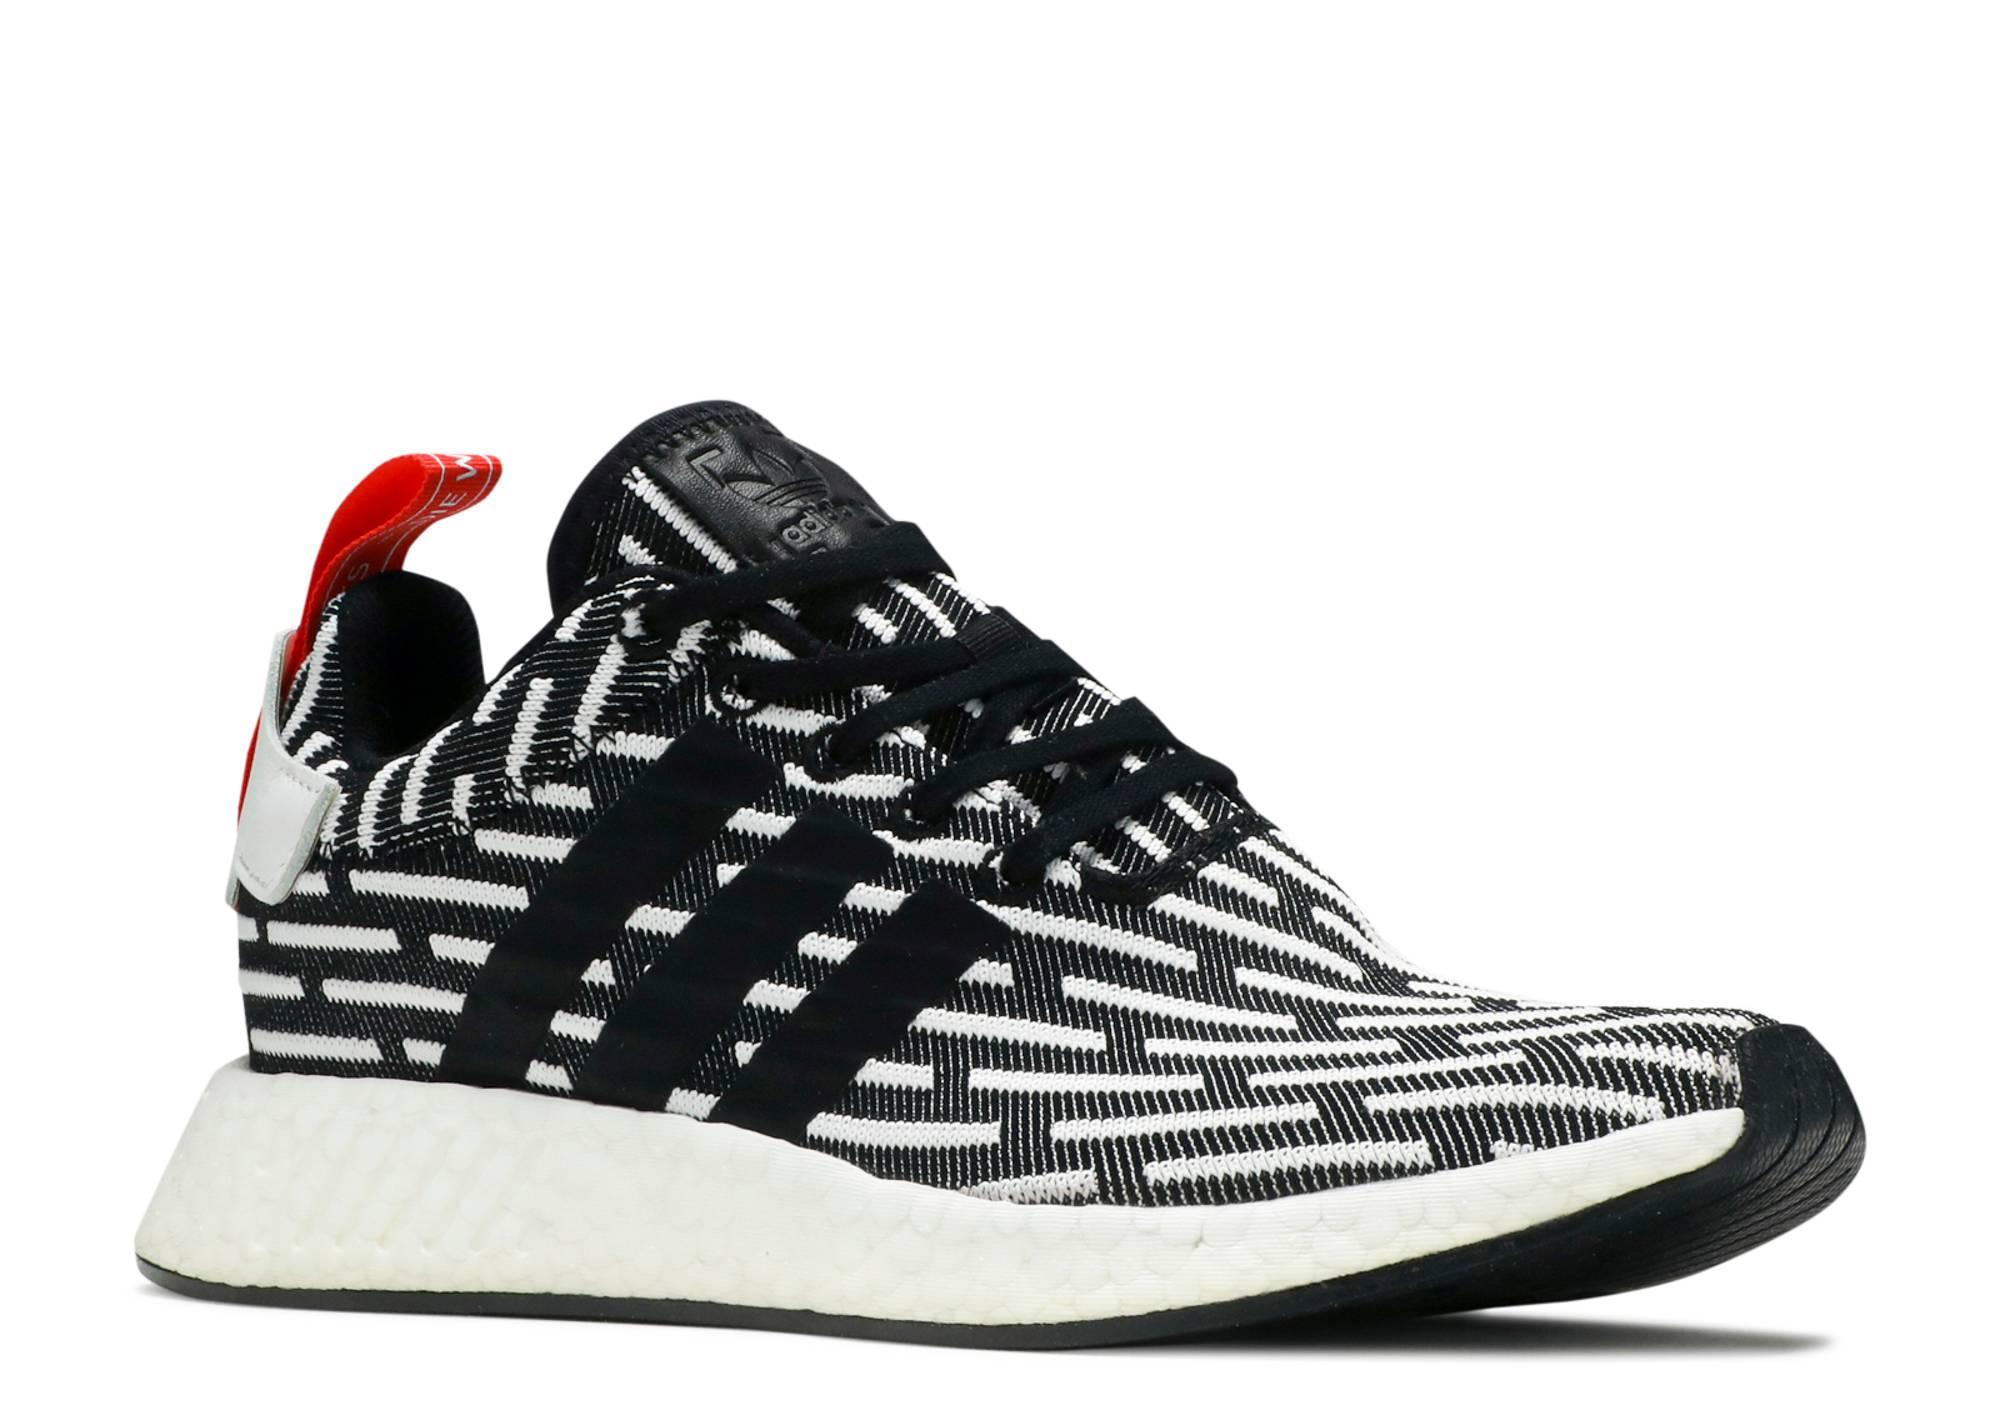 3629f8983 Nmd R2 Pk - Adidas - bb2951 - black white red